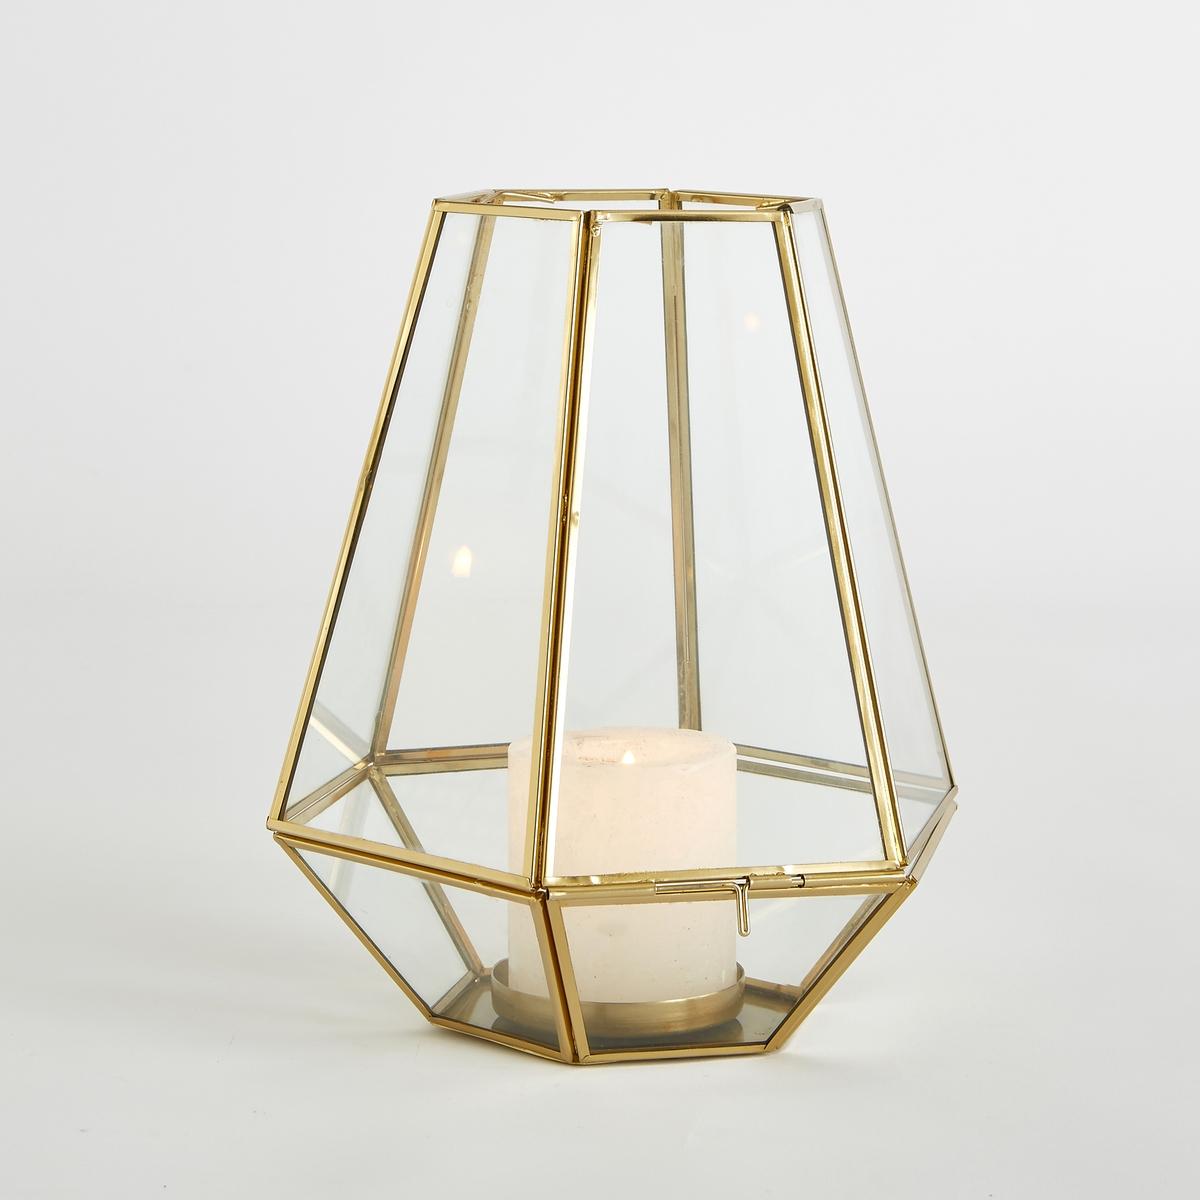 Подсвечник из стекла и металла Miludi homereligion ваза подсвечник серебрянная из стекла